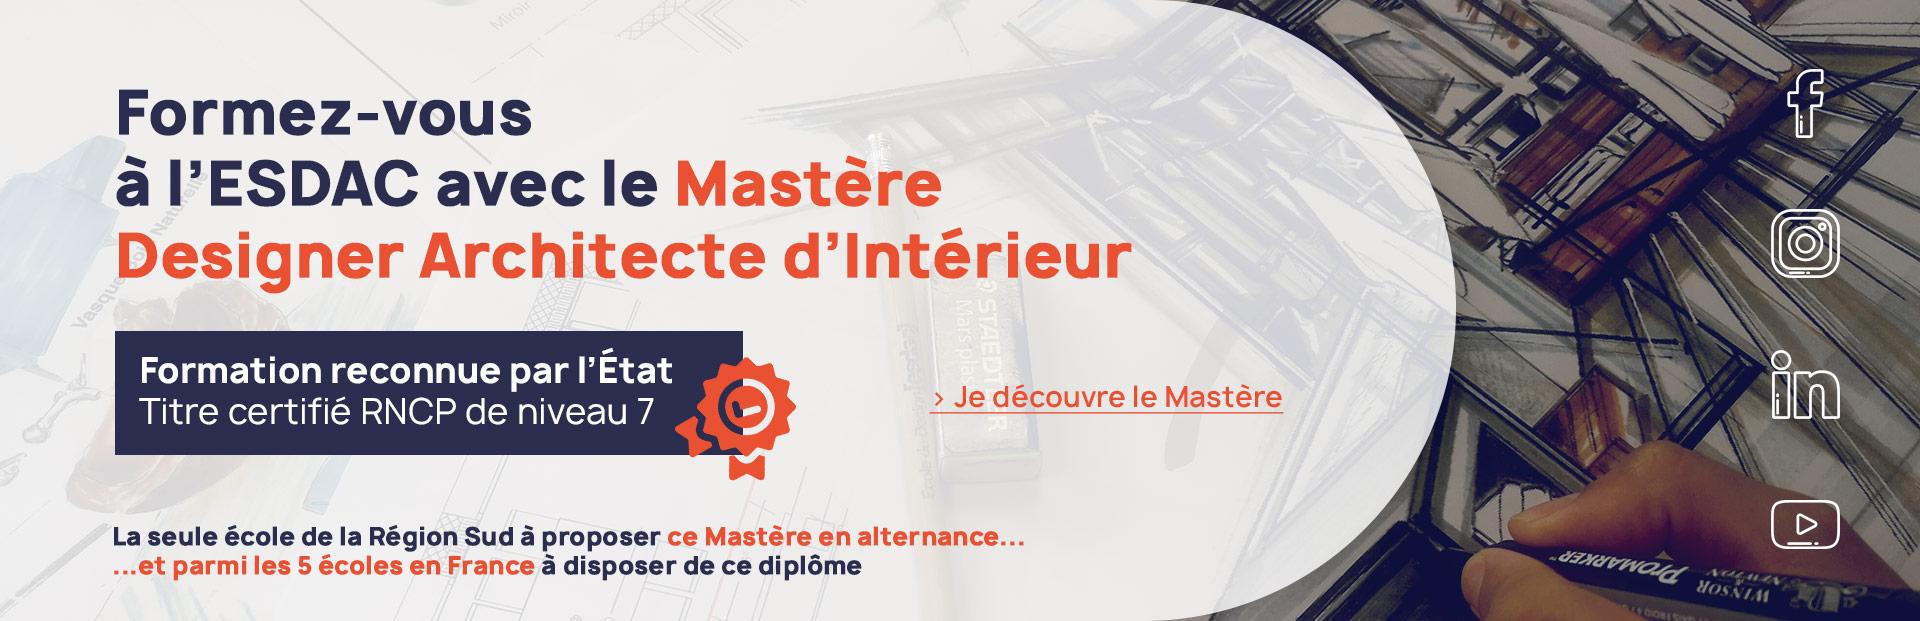 Titre certifié à l'école de design ESDAC Mastère Designer Architecte d'Intérieur